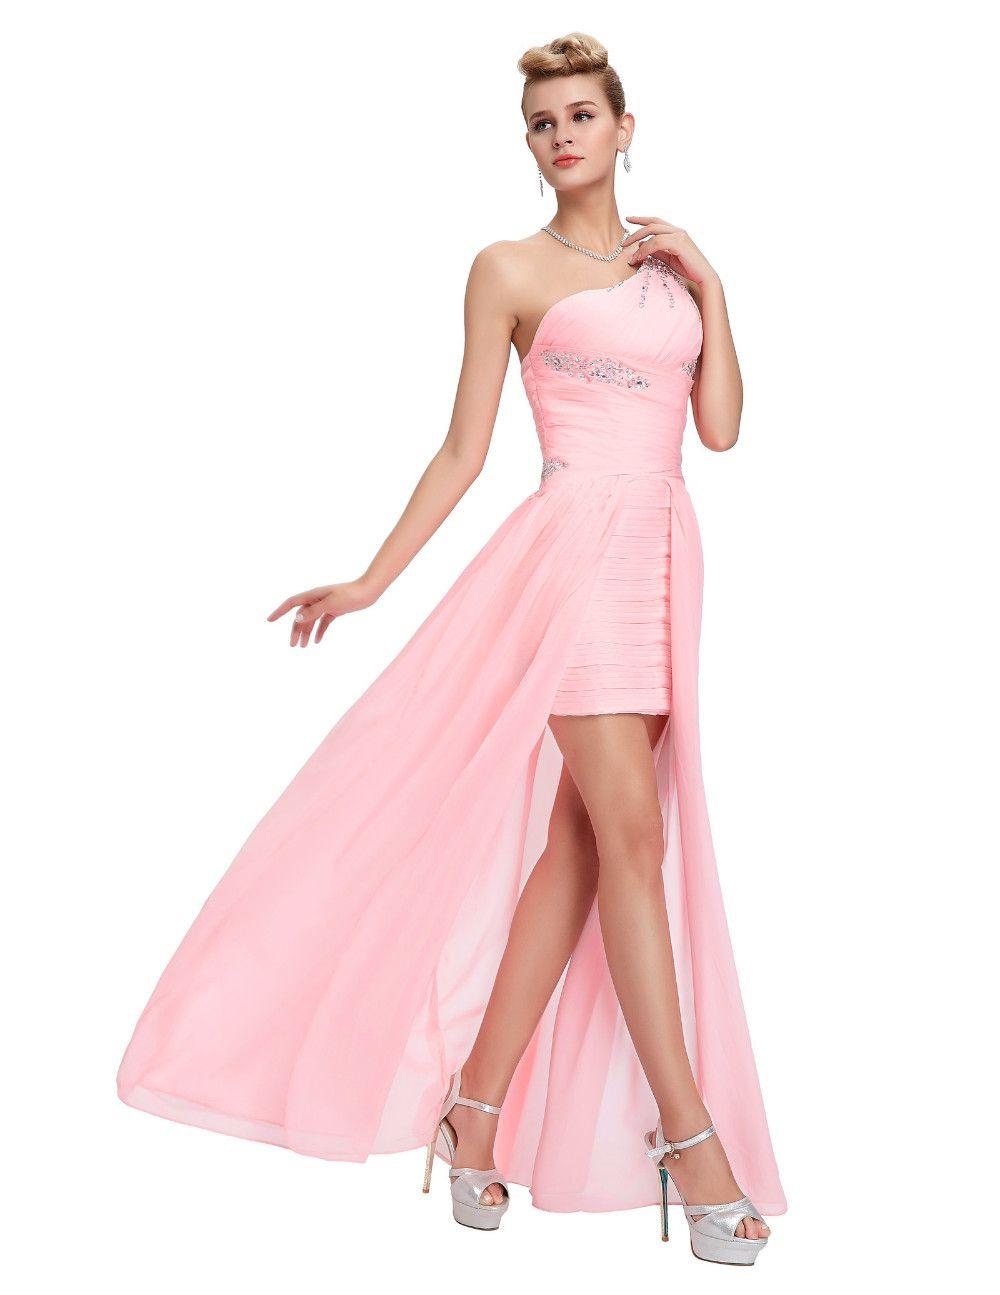 Elegant One Shoulder Pink Short Front Long Back Chiffon Bridesmaid Dress Uniqistic Com Buy Evening Dress Pink Prom Dresses Short Prom Dresses Long Black [ 1295 x 1000 Pixel ]